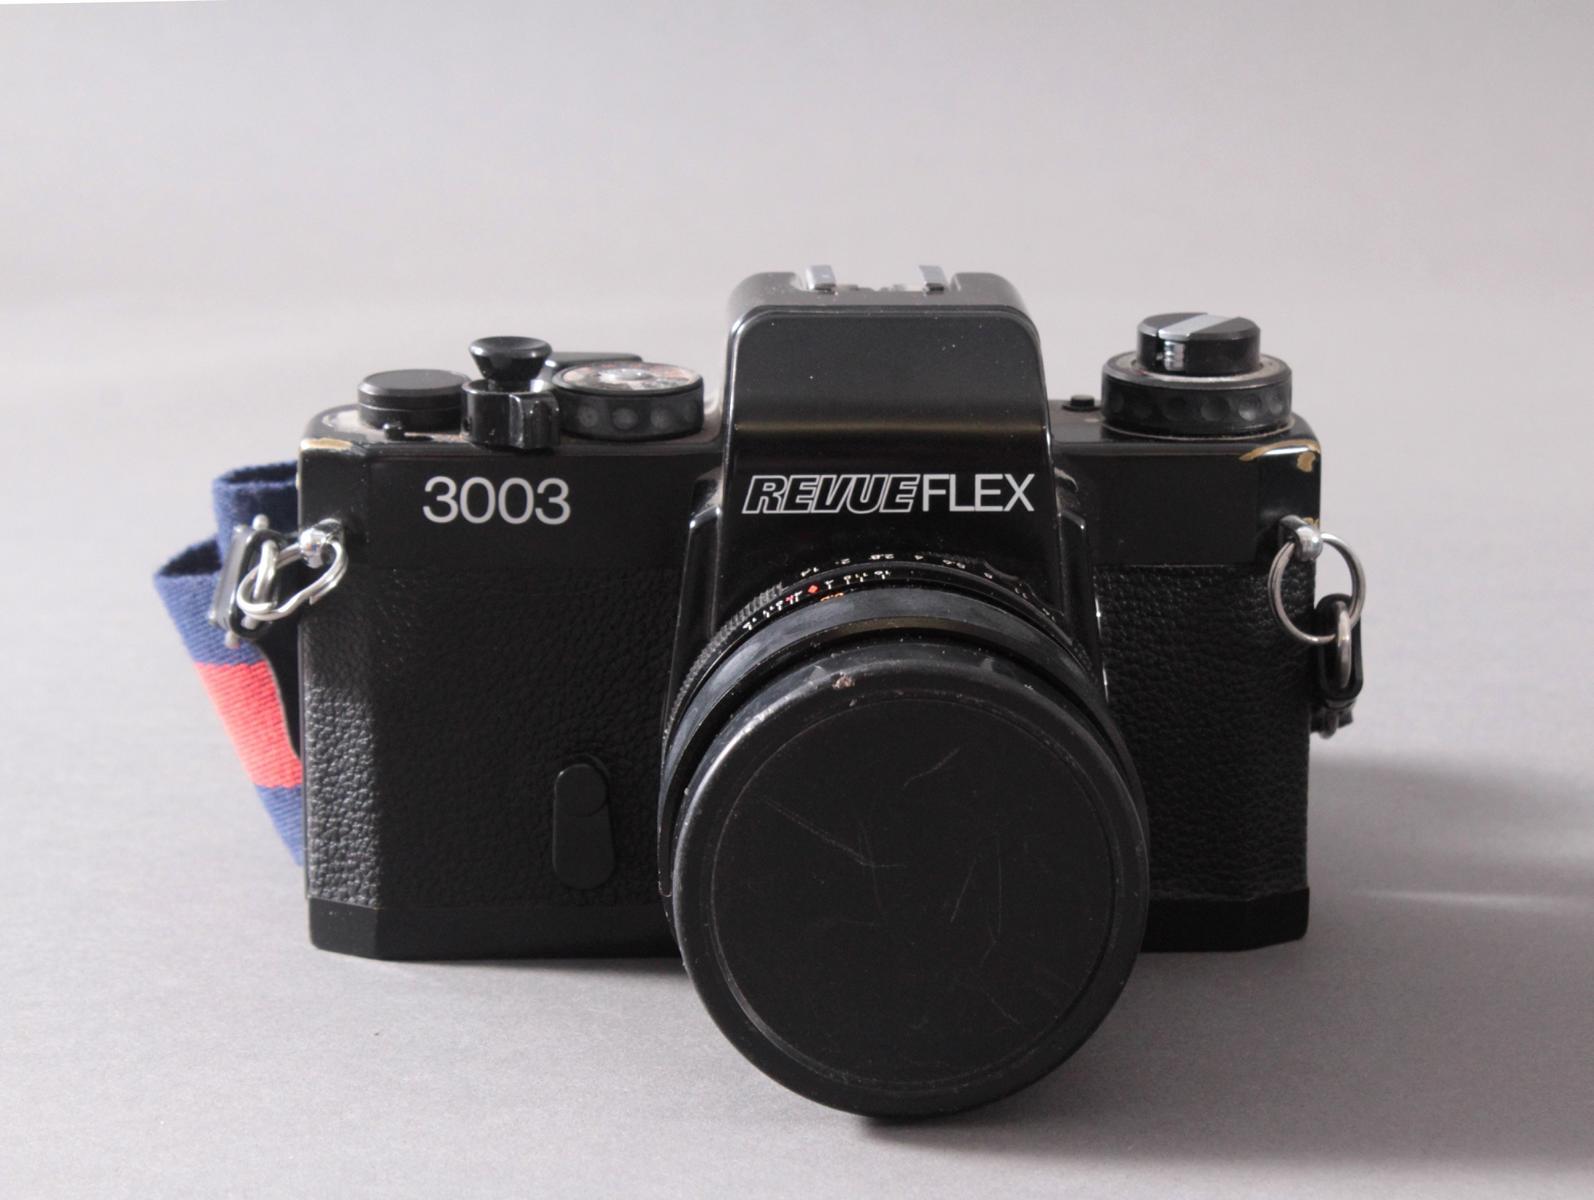 Revueflex 3003 mit Zubehör und Fototasche-2